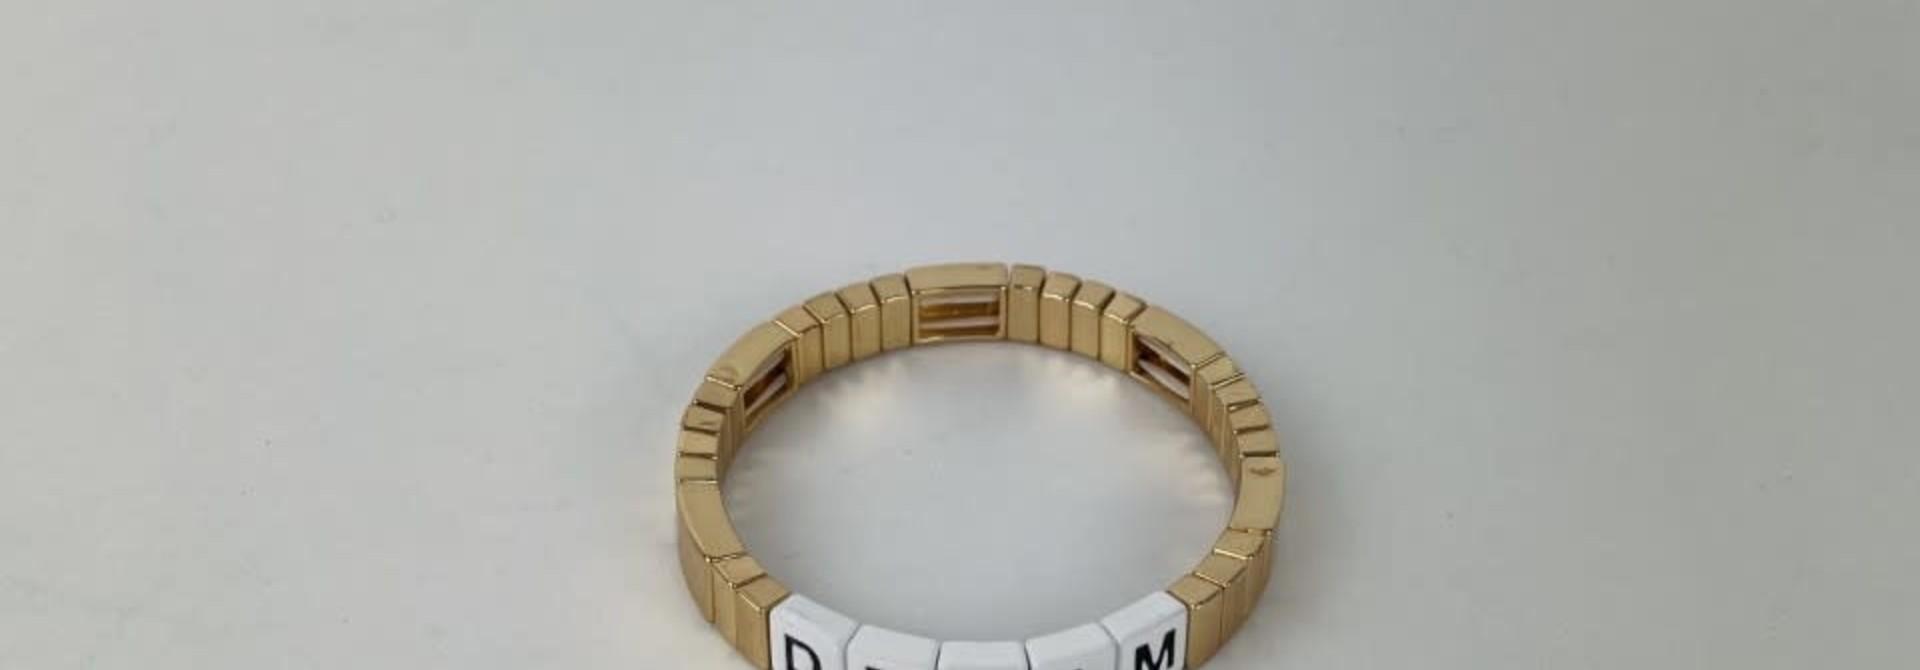 Dream cubes bracelet Gold